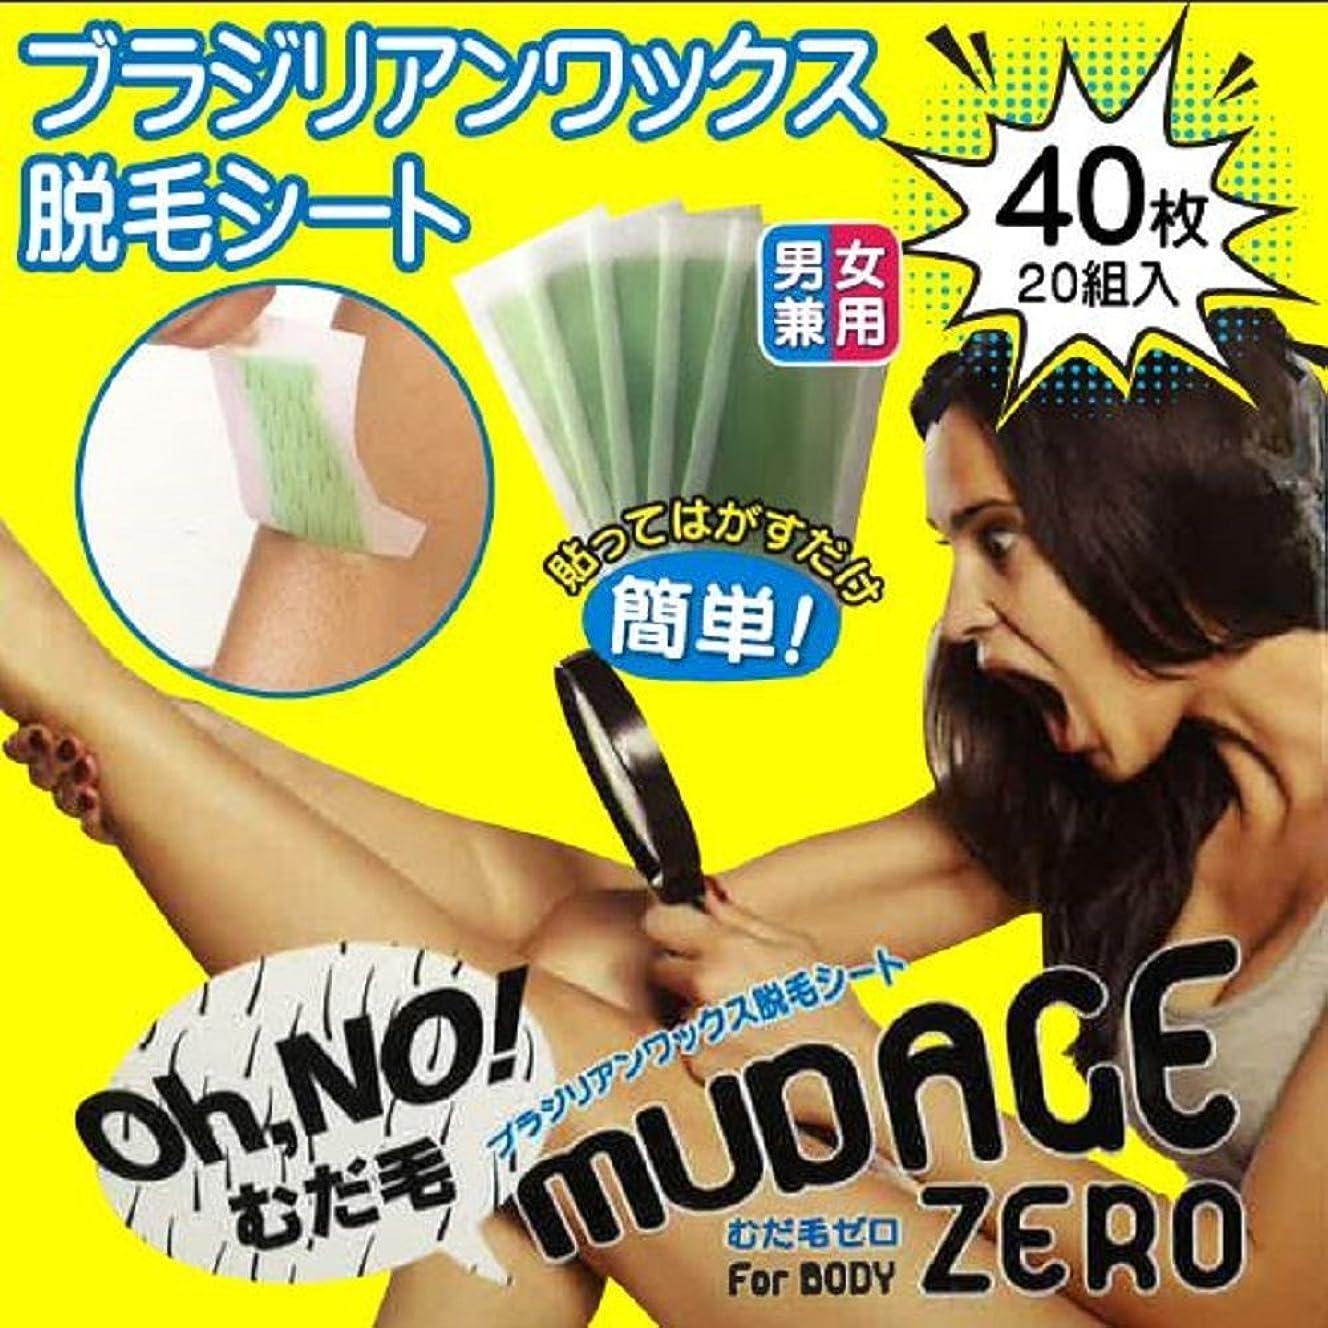 体現金衰える貼って剥がすだけ ブラジリアンワックス 脱毛シート MUDAGE ZERO for Body (40枚入り)